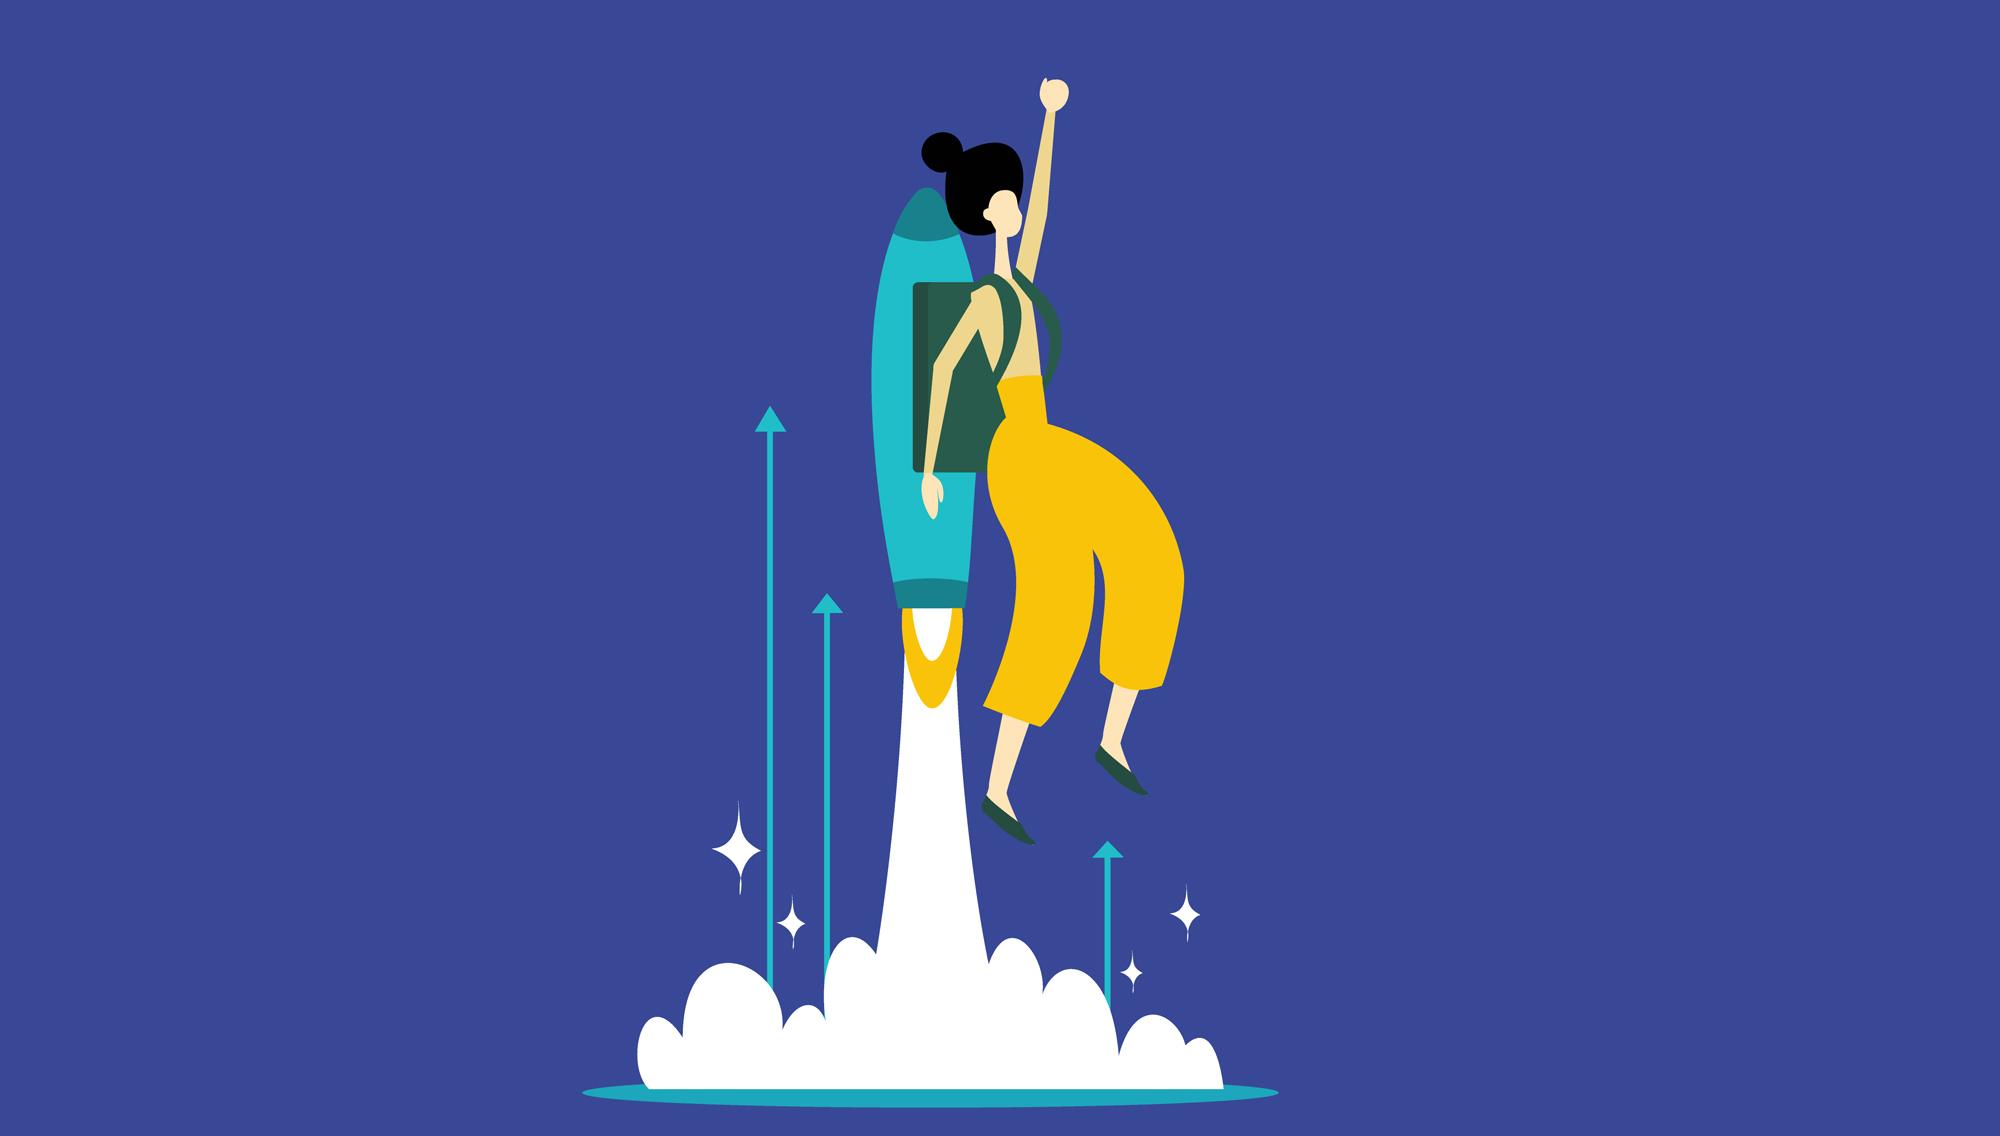 Kaip užauginti moterį lyderę?